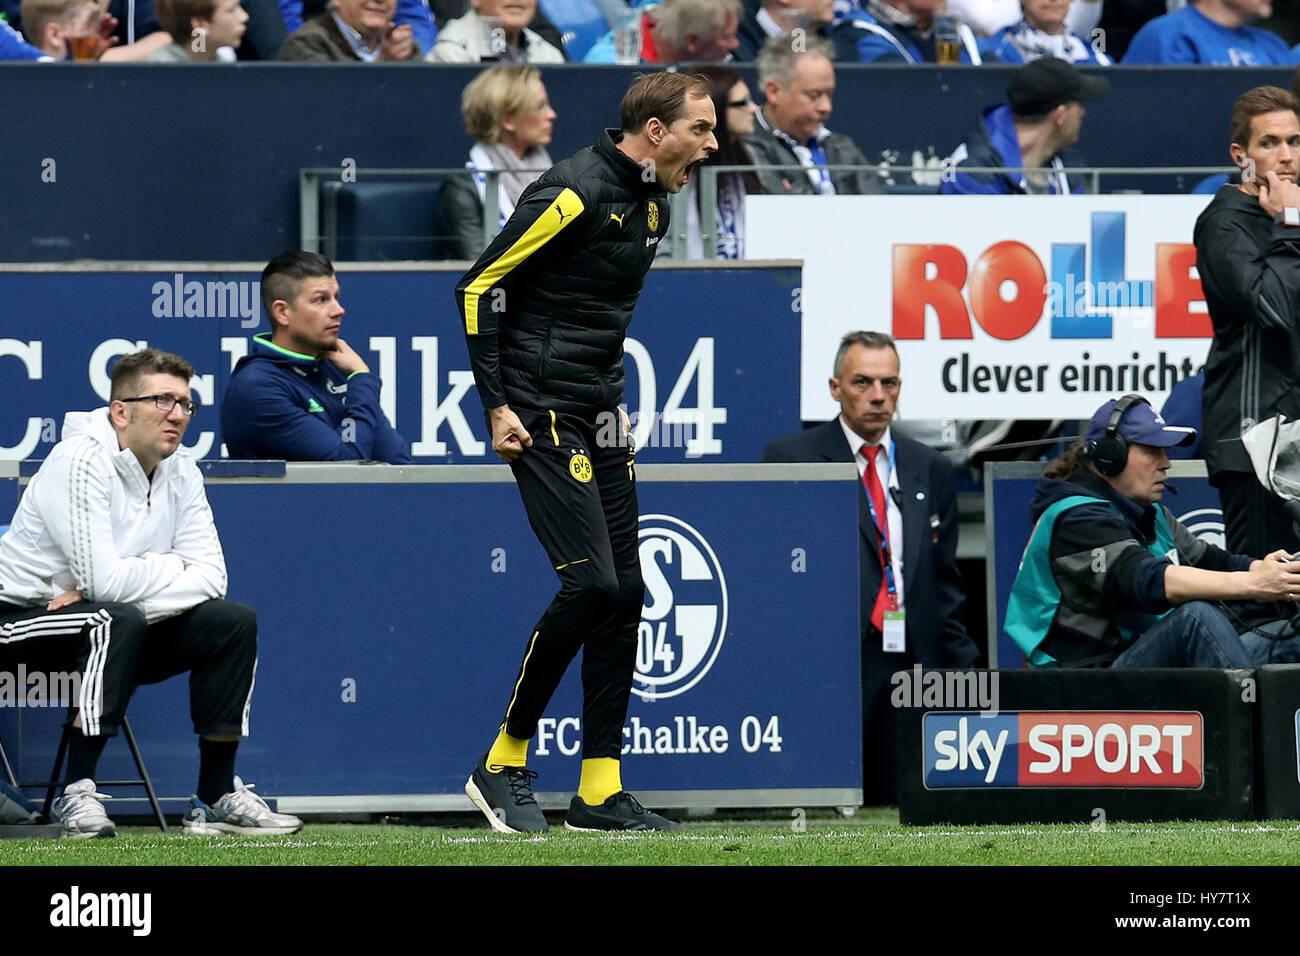 Gelsenkirchen. 1 abr, 2017. Entrenador Thomas Tuchel (C) del Borussia Dortmund reacciona durante el partido de fútbol de la Bundesliga alemana entre el FC Schalke 04 y el Borussia Dortmund en el Veltins Arena en Gelsenkirchen, Alemania, el 1 de abril de 2017. Crédito: Joachim Bywaletz/Xinhua/Alamy Live News Foto de stock